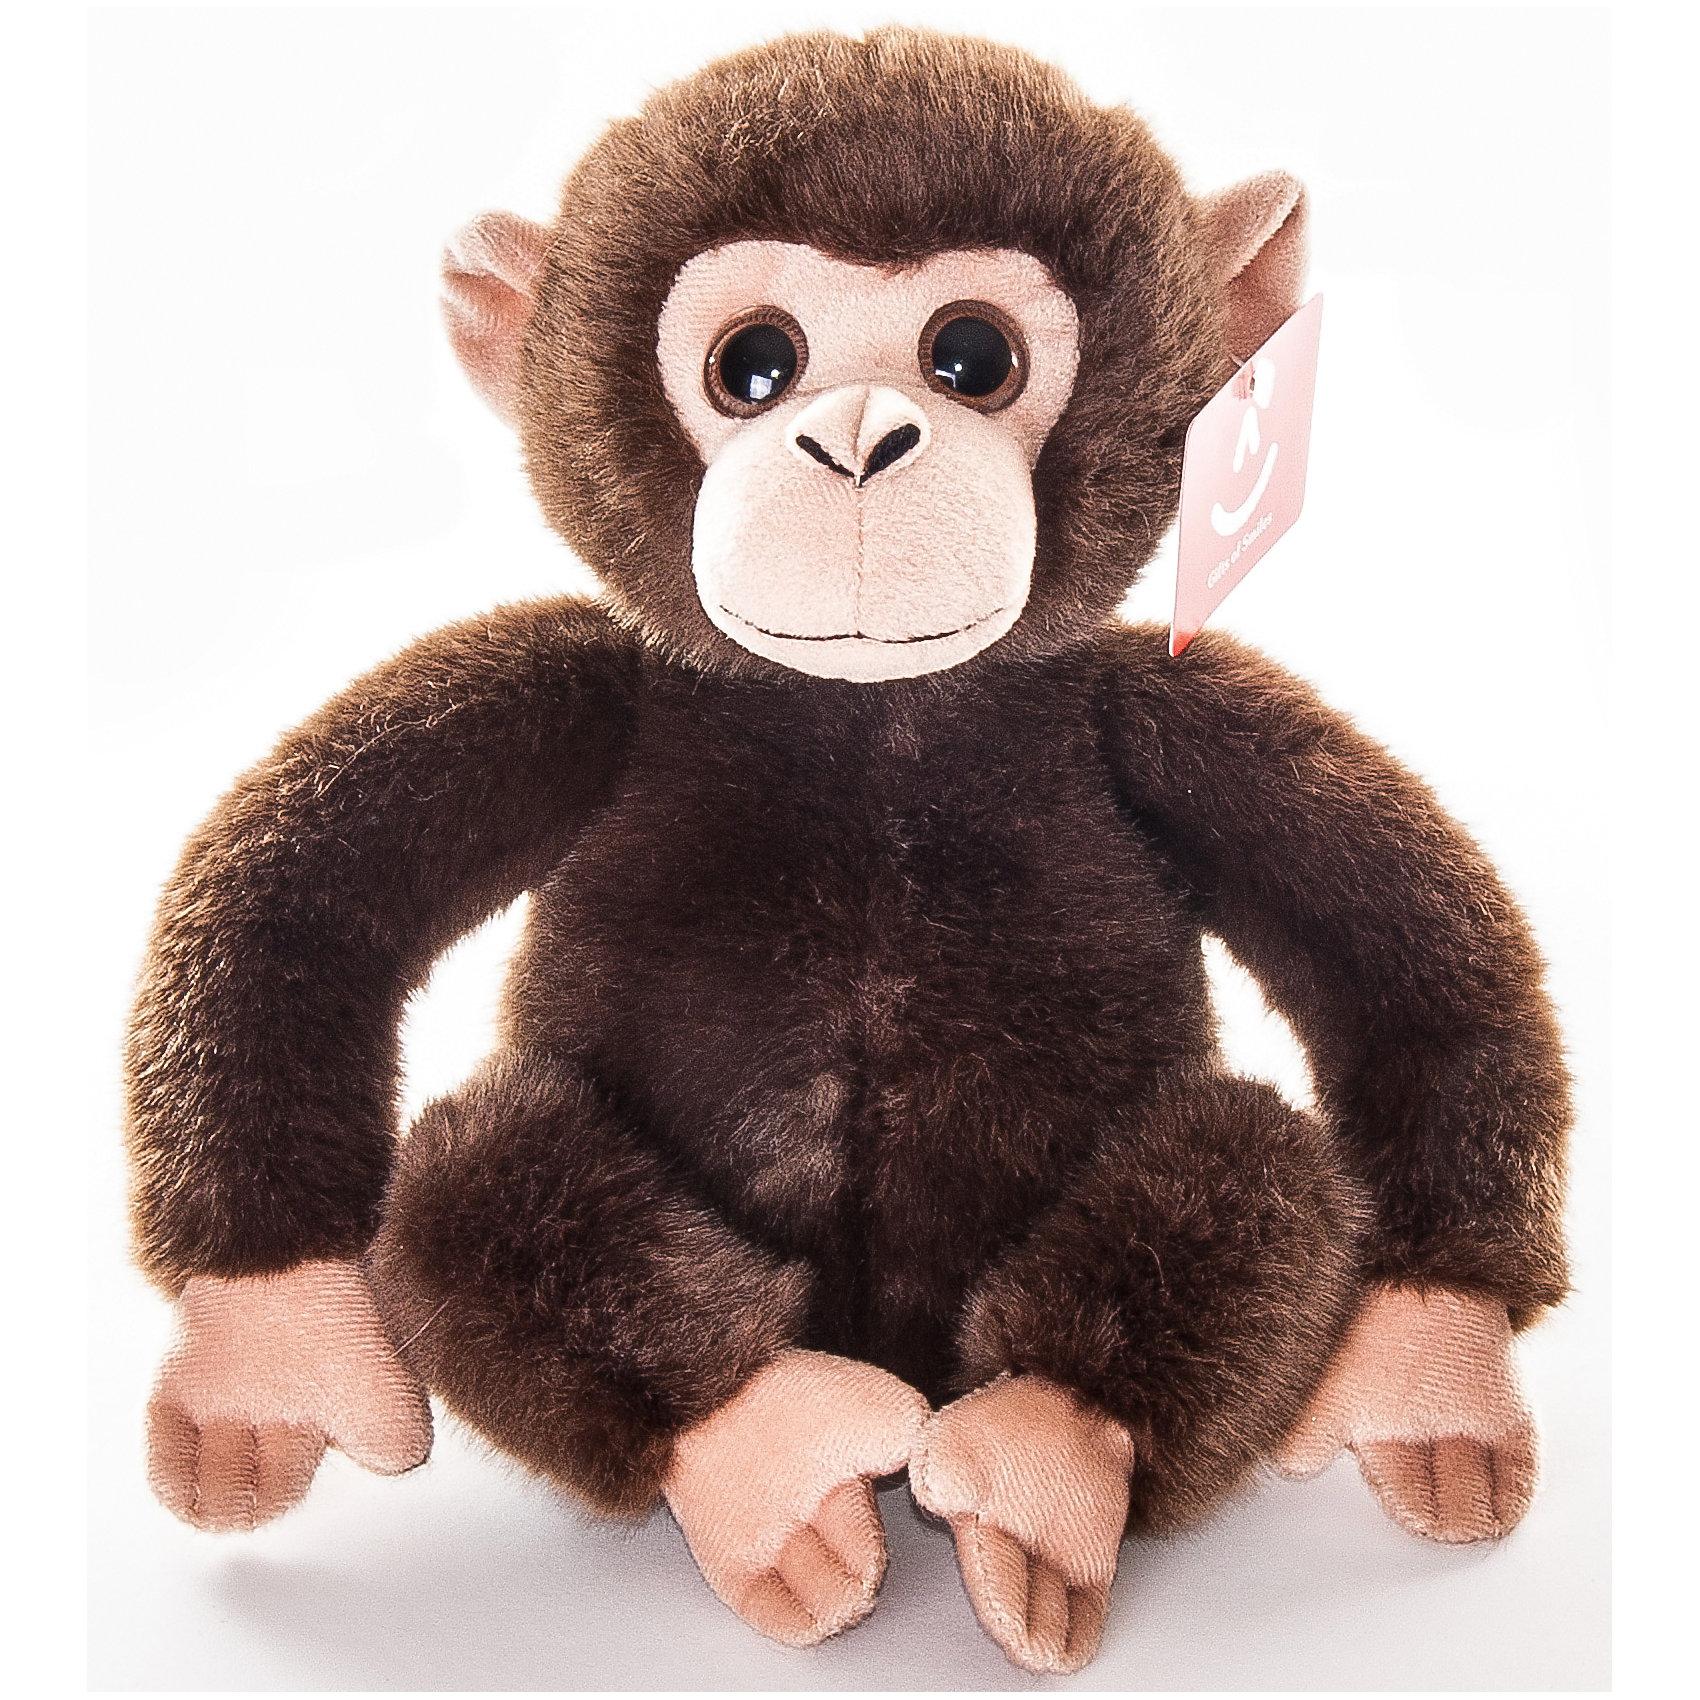 AURORA Мягкая игрушка Обезьянка тёмно-коричневая, 28 см., AURORA aurora мягкая игрушка тигр 28 см